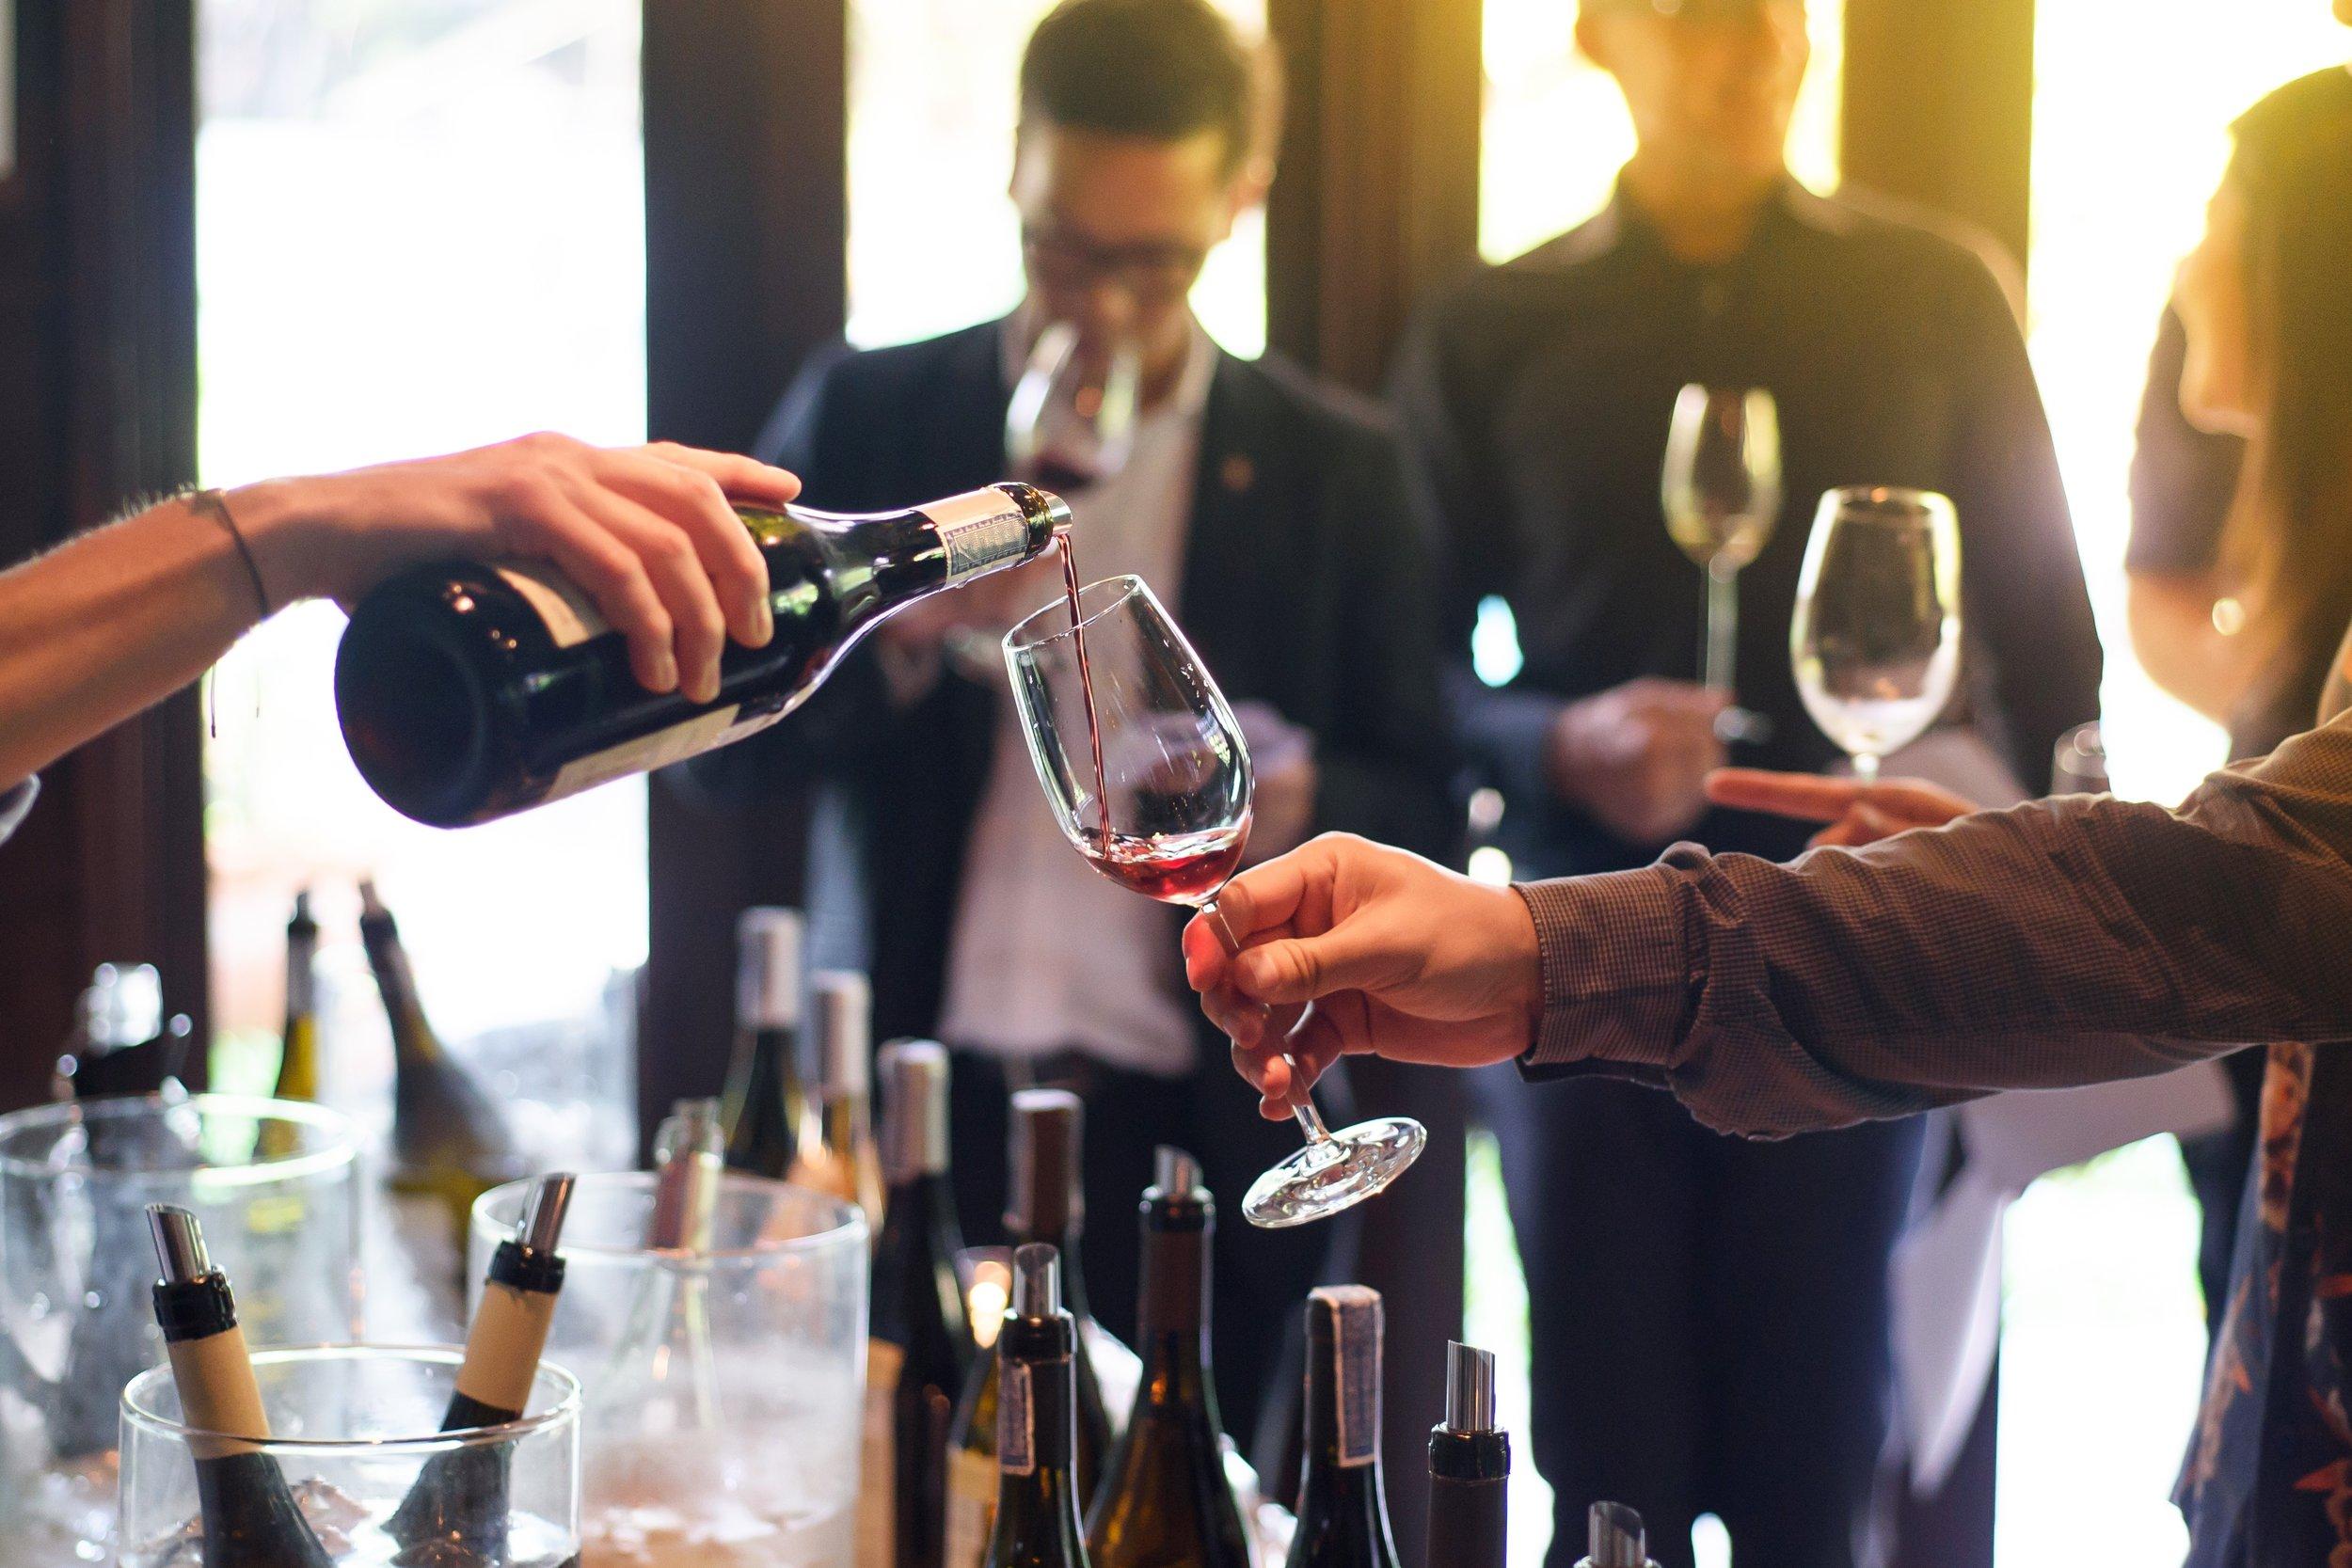 East - Features: Trump Winery, Blenheim Vineyards, Keswick Vineyards, Jefferson Vineyards, Mount Ida Tasting Room